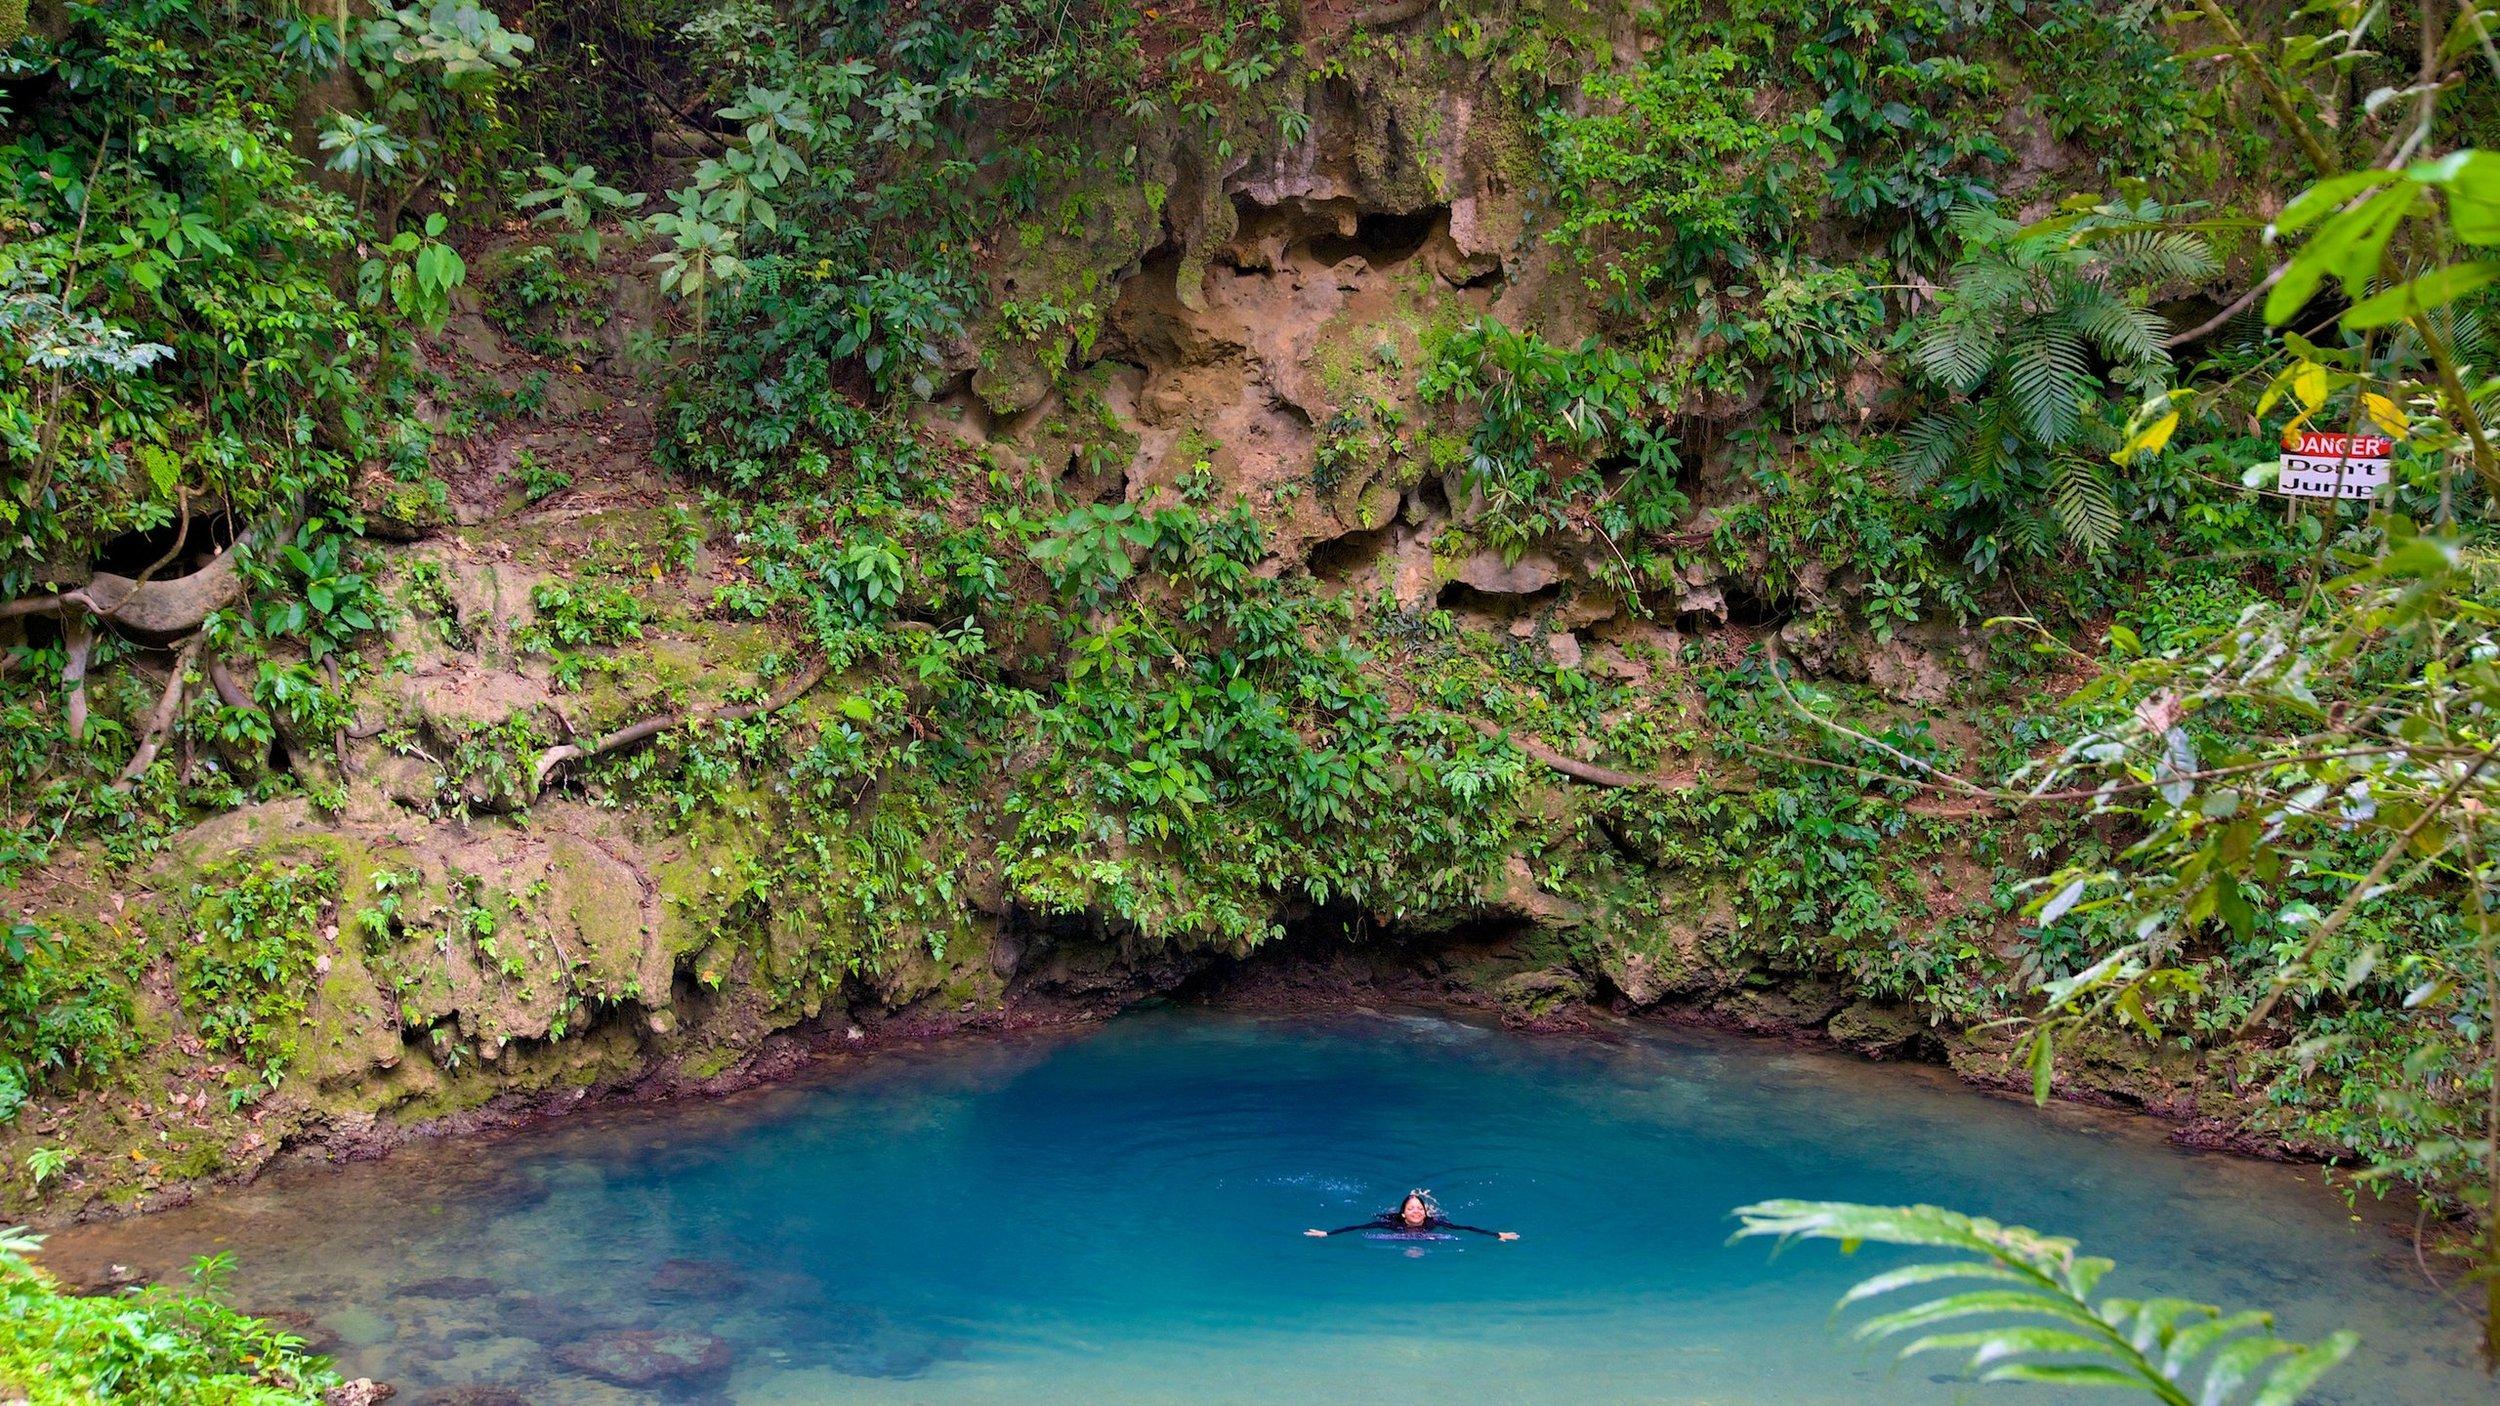 115514-Blue-Hole-National-Park.jpg